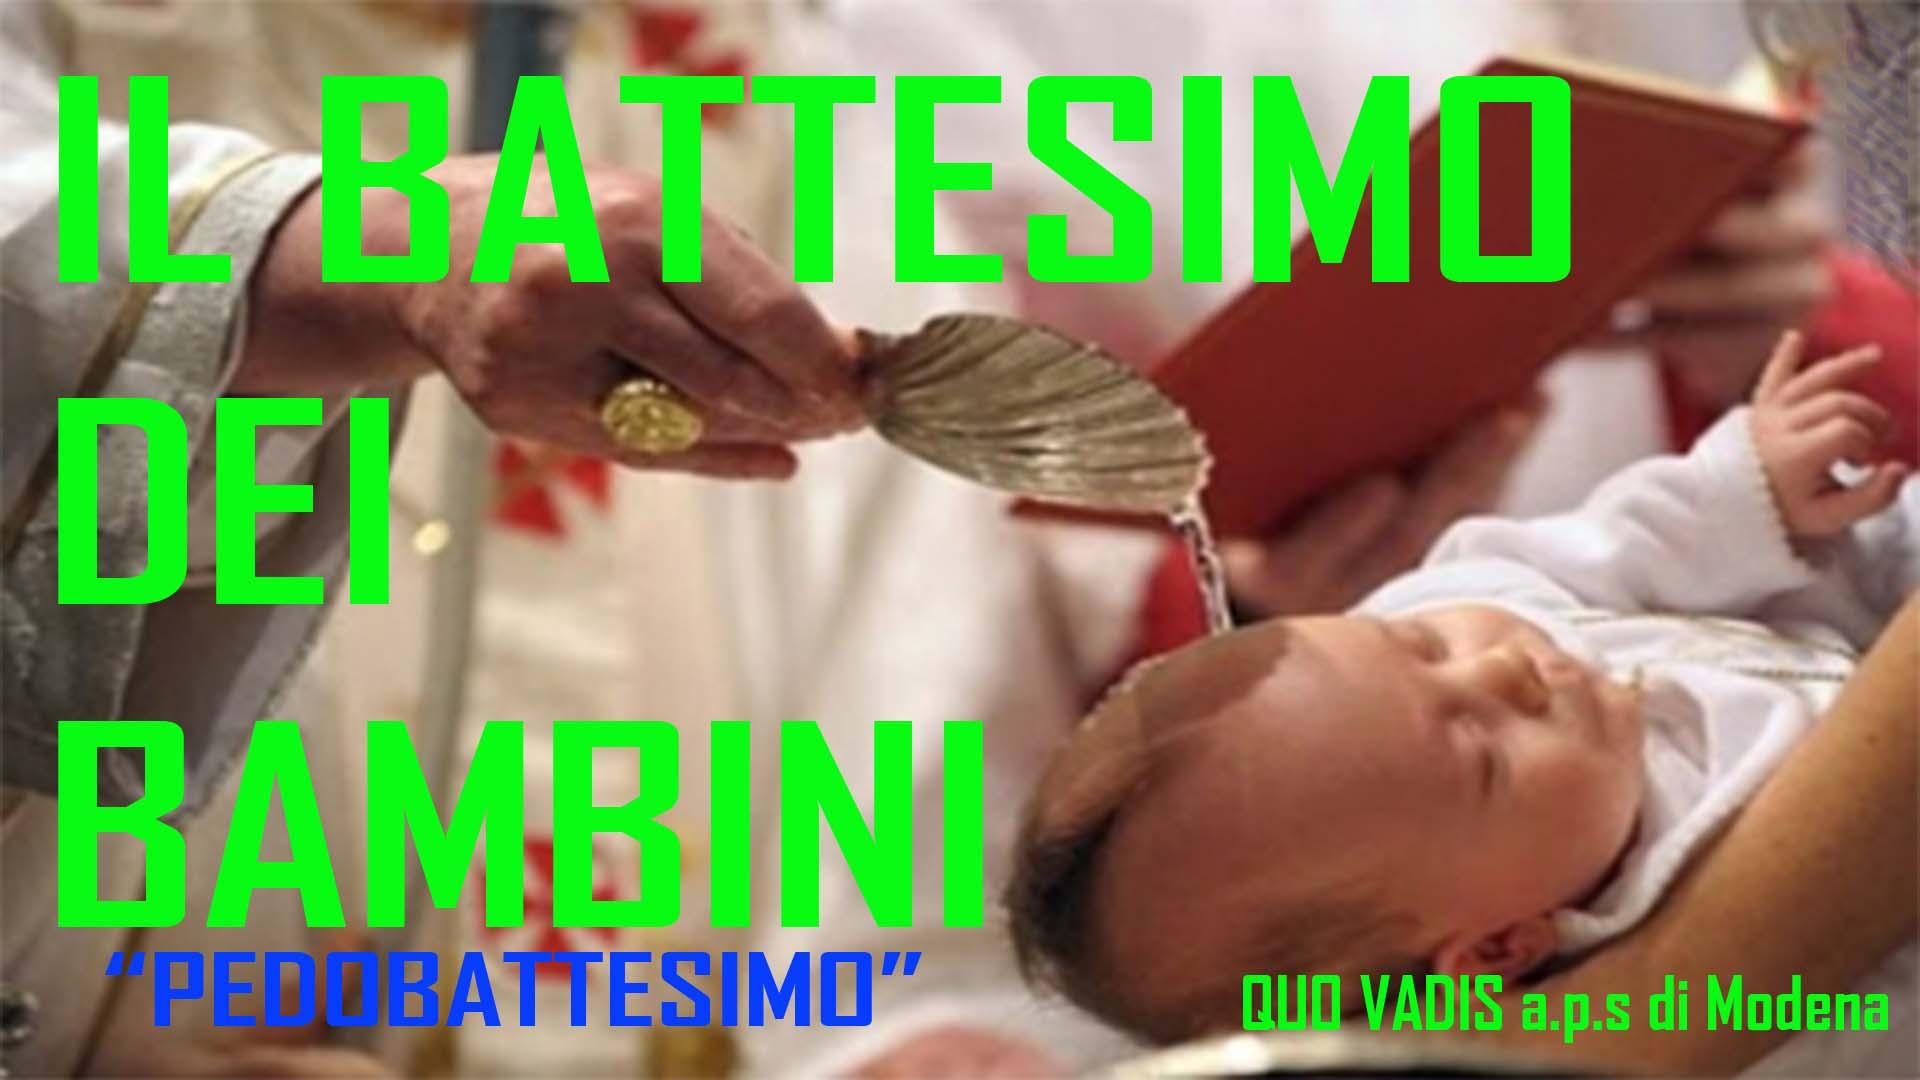 BATTESIMO DEI BAMBINI